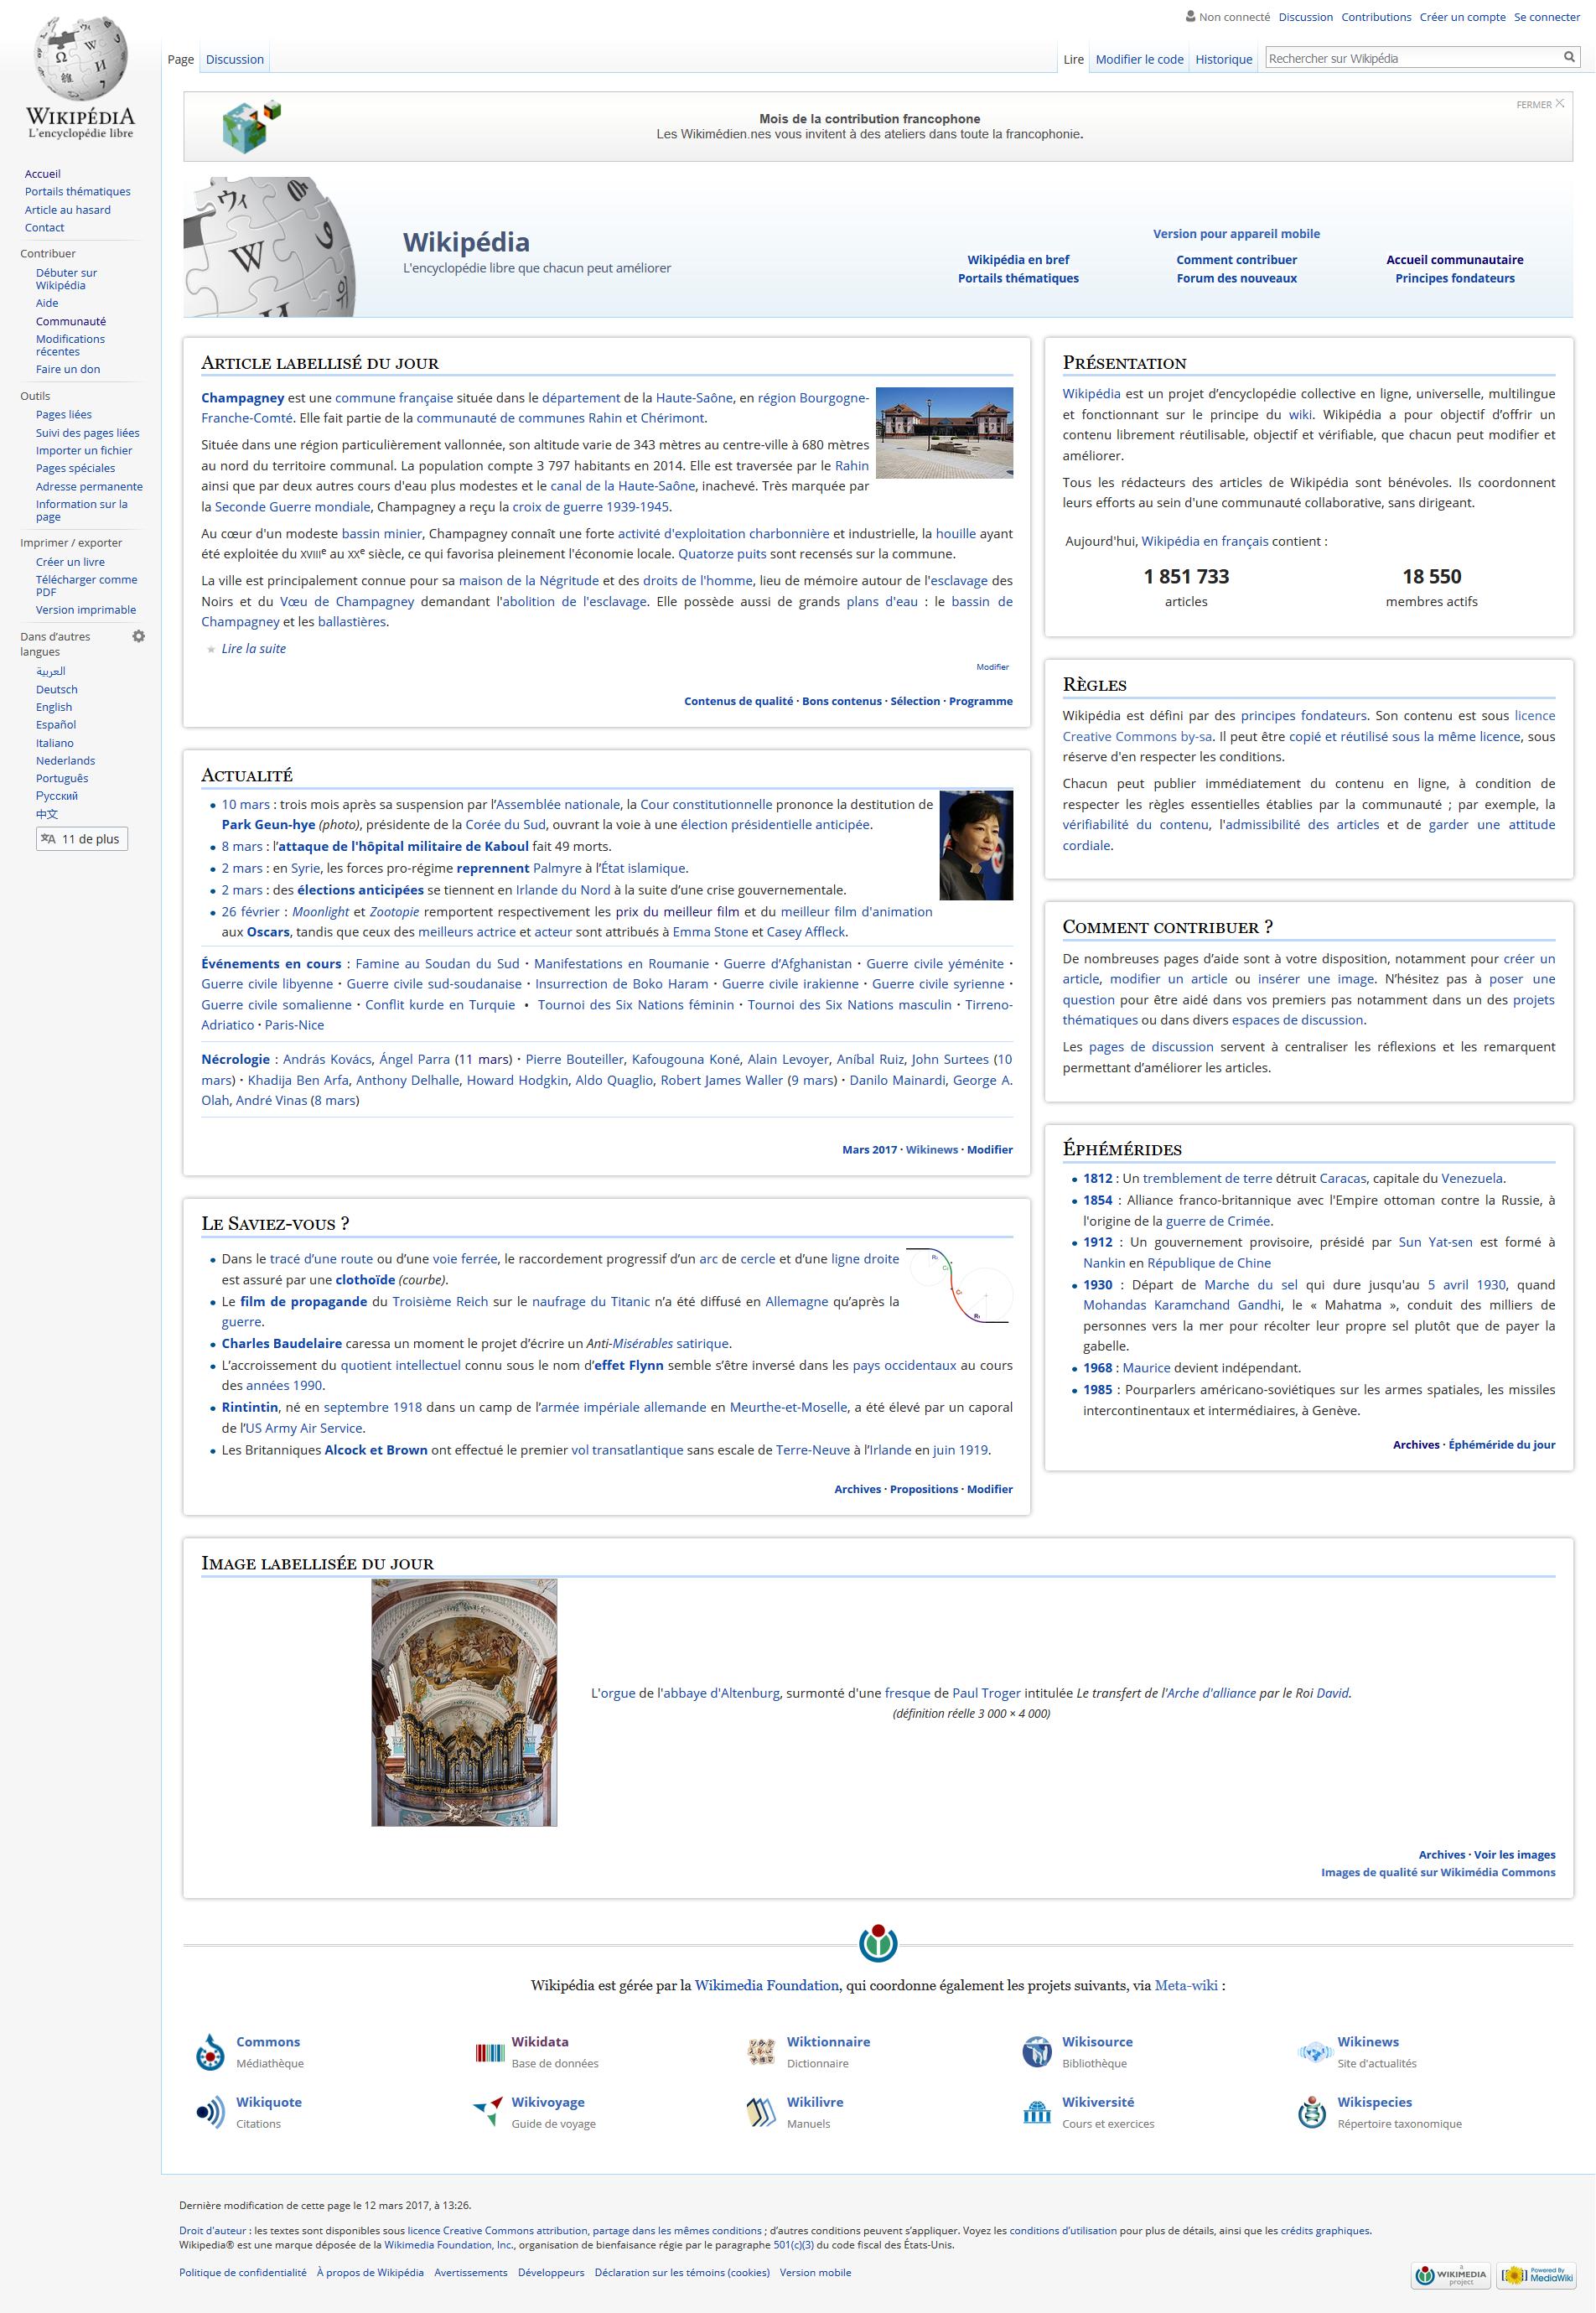 je vous conseille vivement de lire la faq crite pour loccasion est qui est trs instructive que ce soit concernant lhistorique de cette page